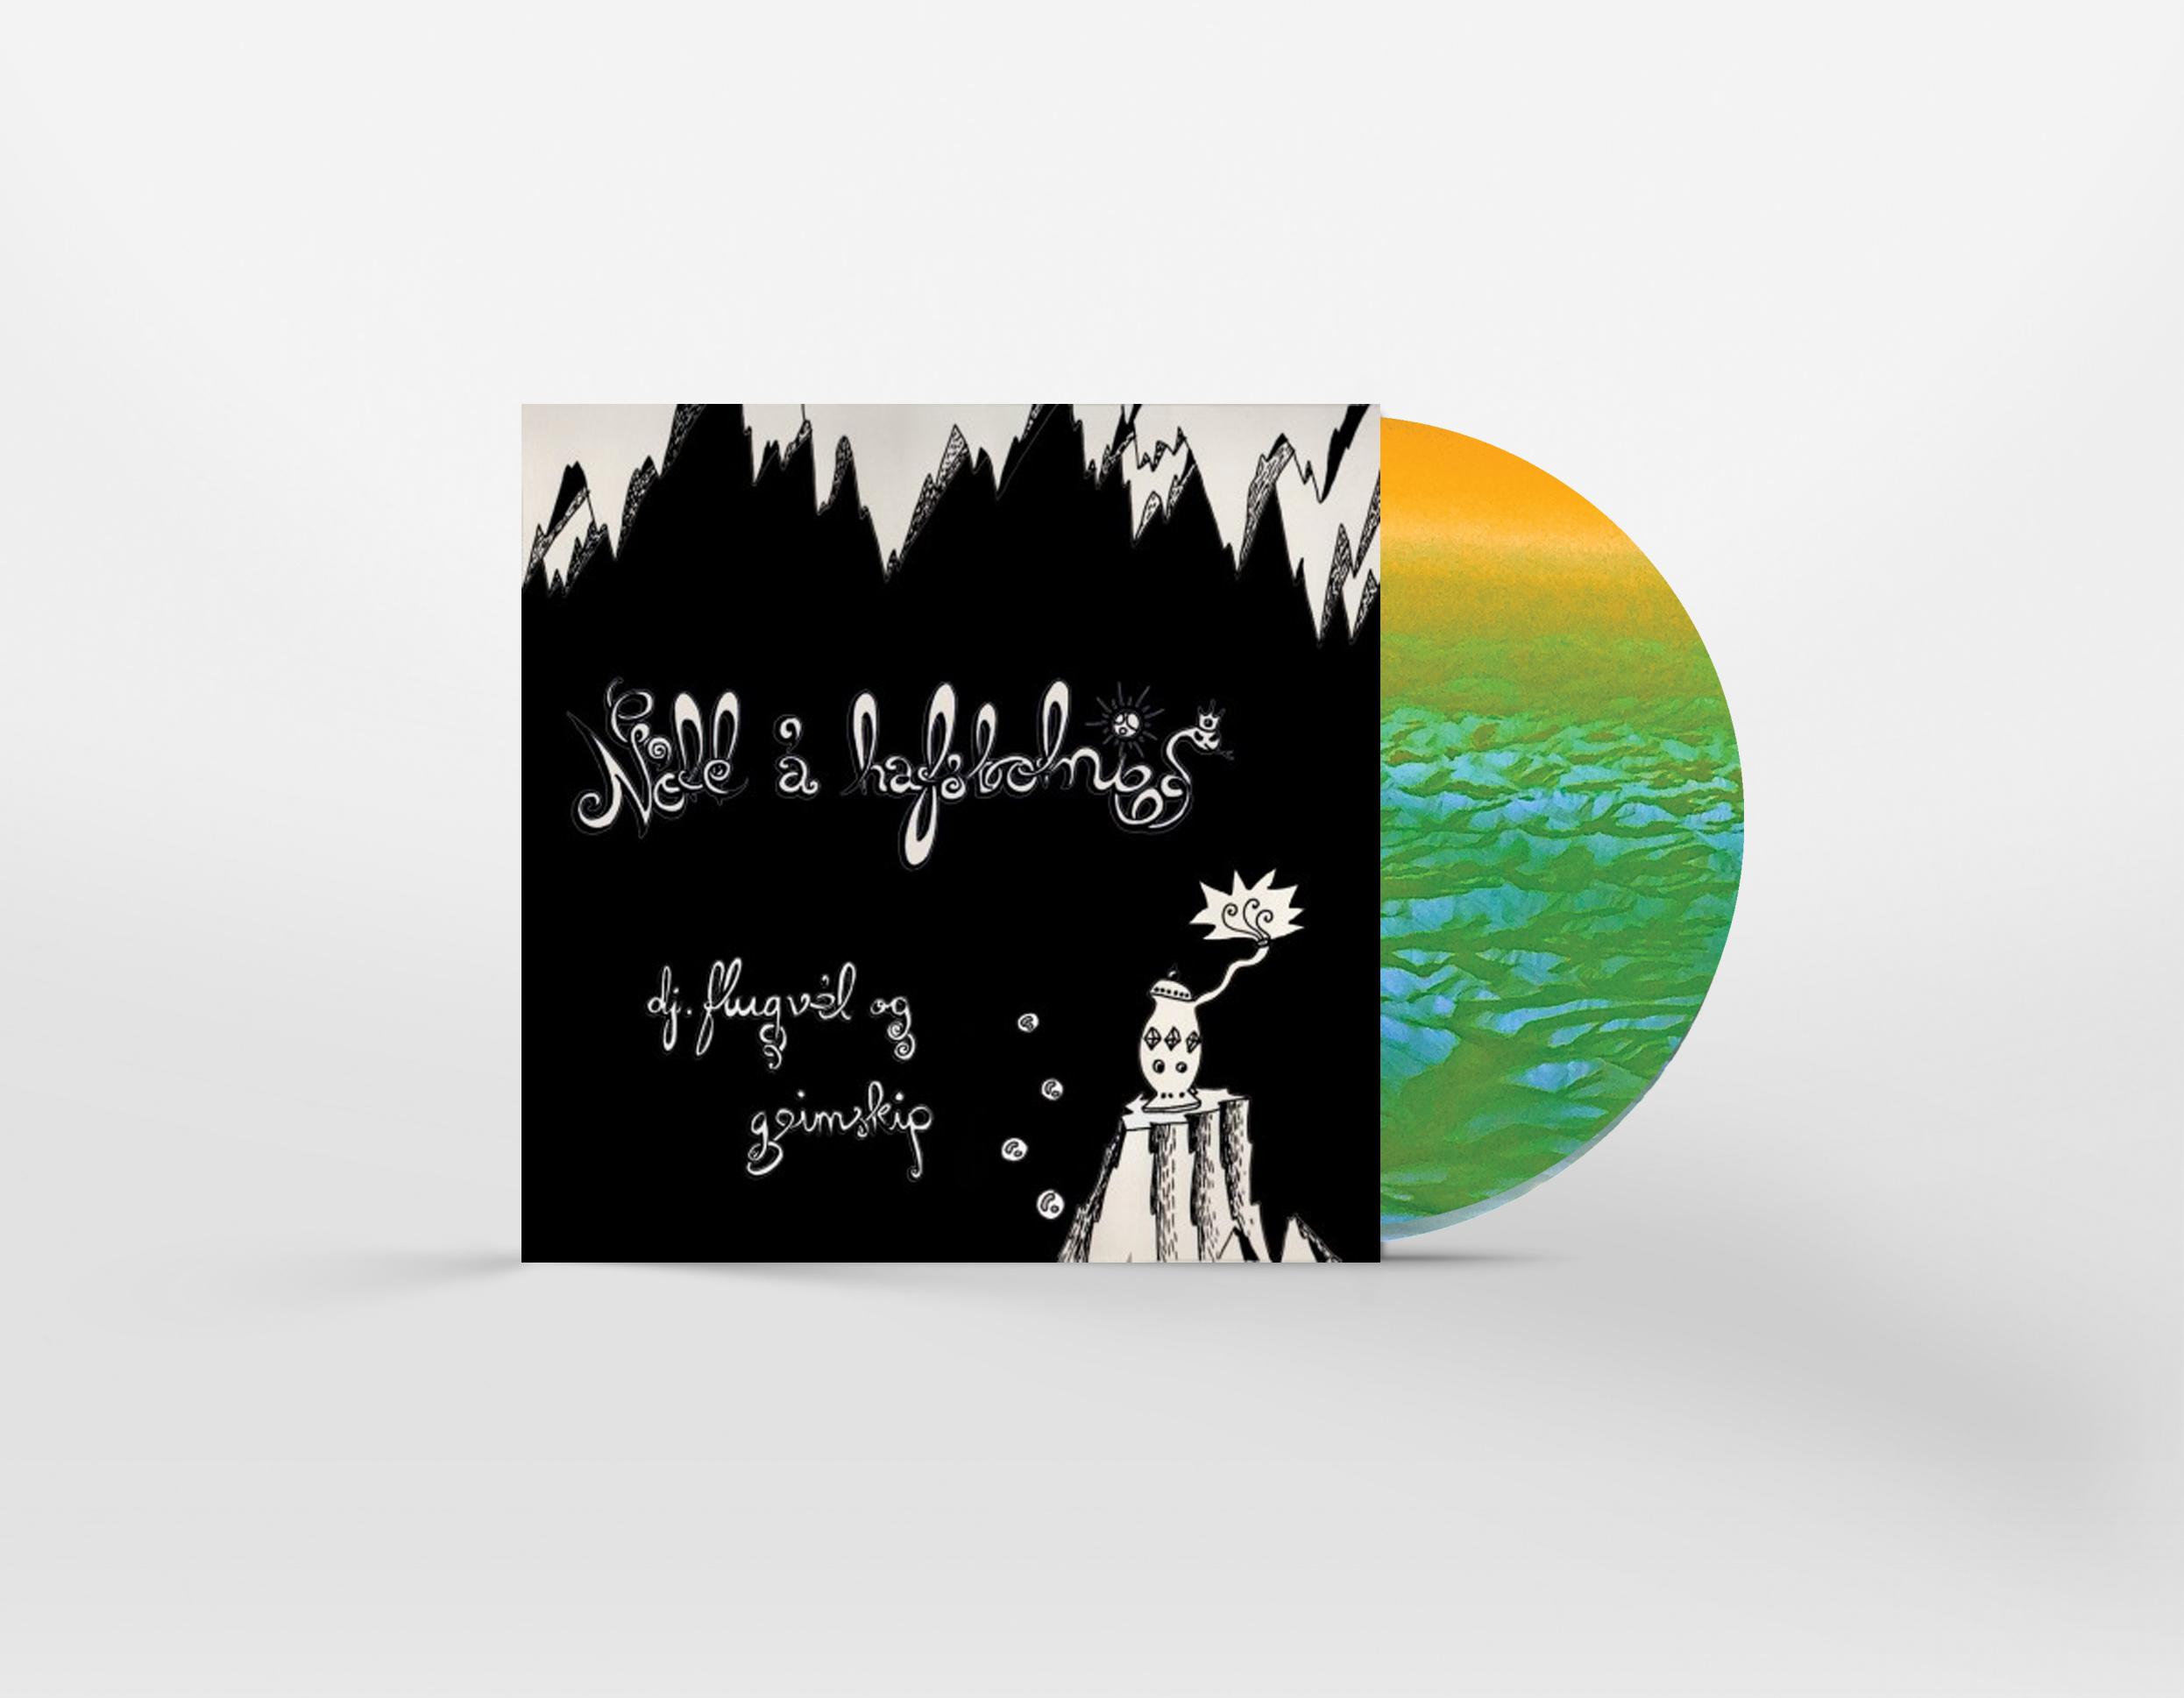 Nótt á hafsbotni - dj. flúgvel og geimskip (CD)